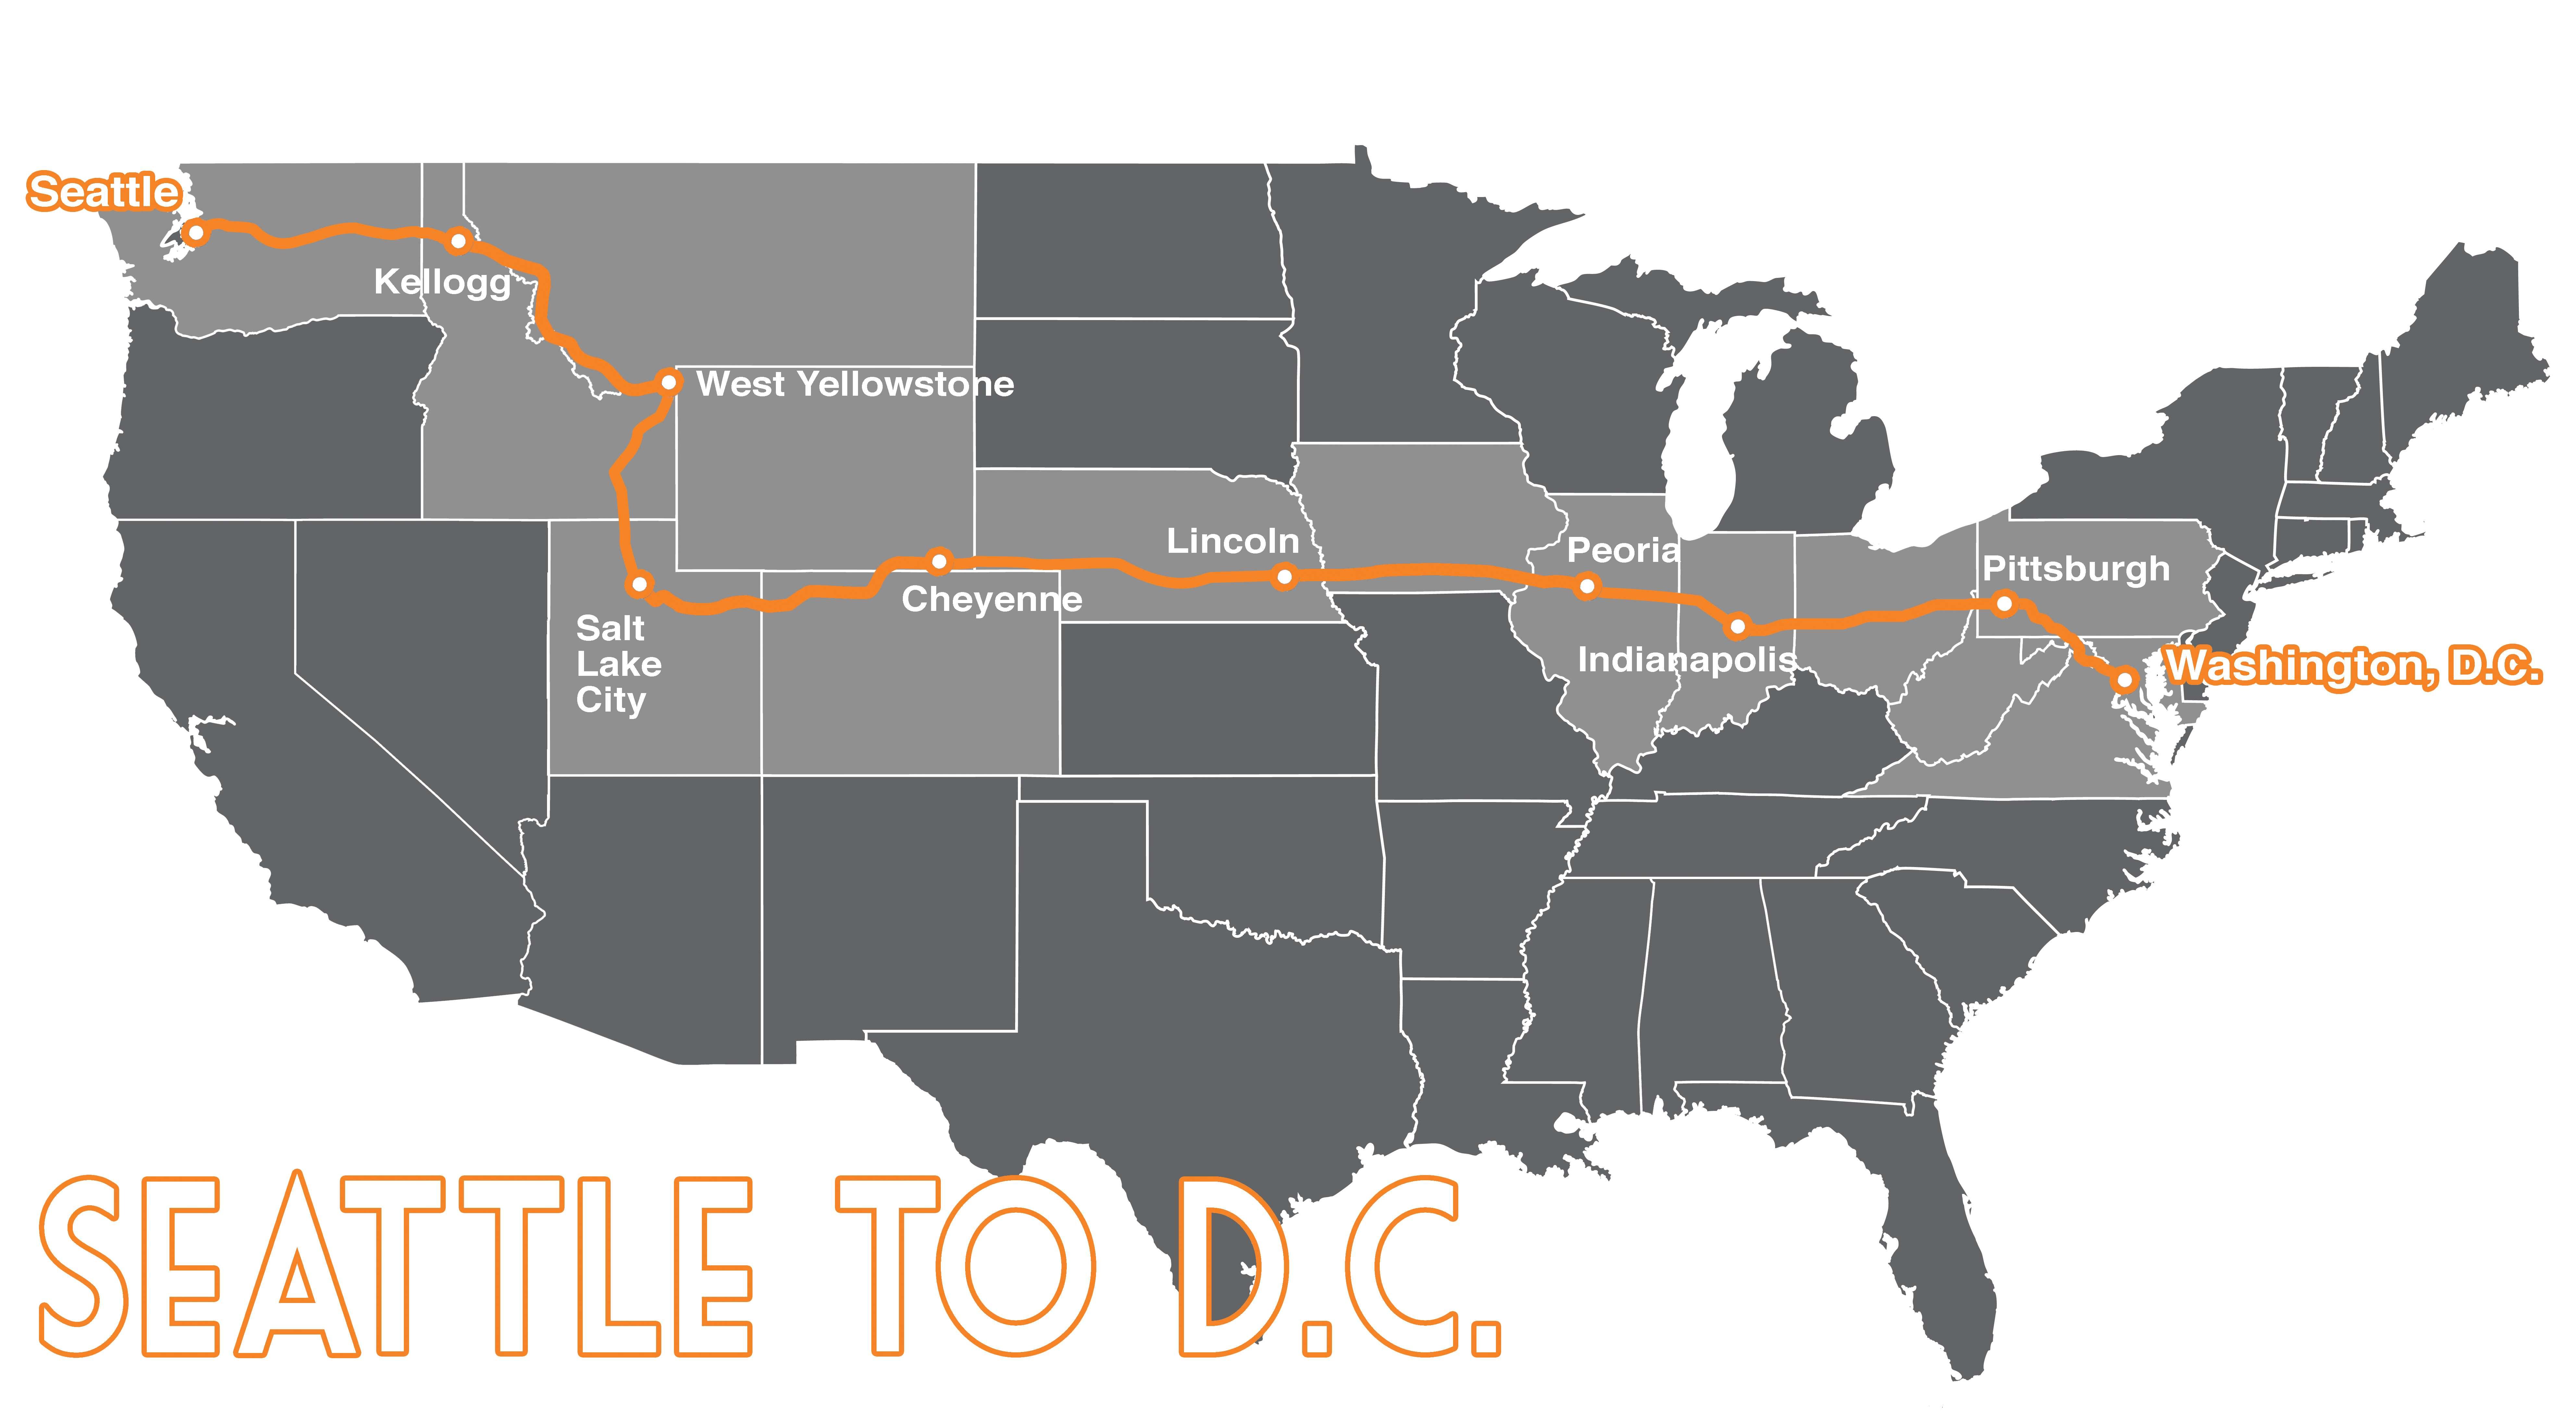 Seattle to D.C. - Fuller Center Bike Adventure on